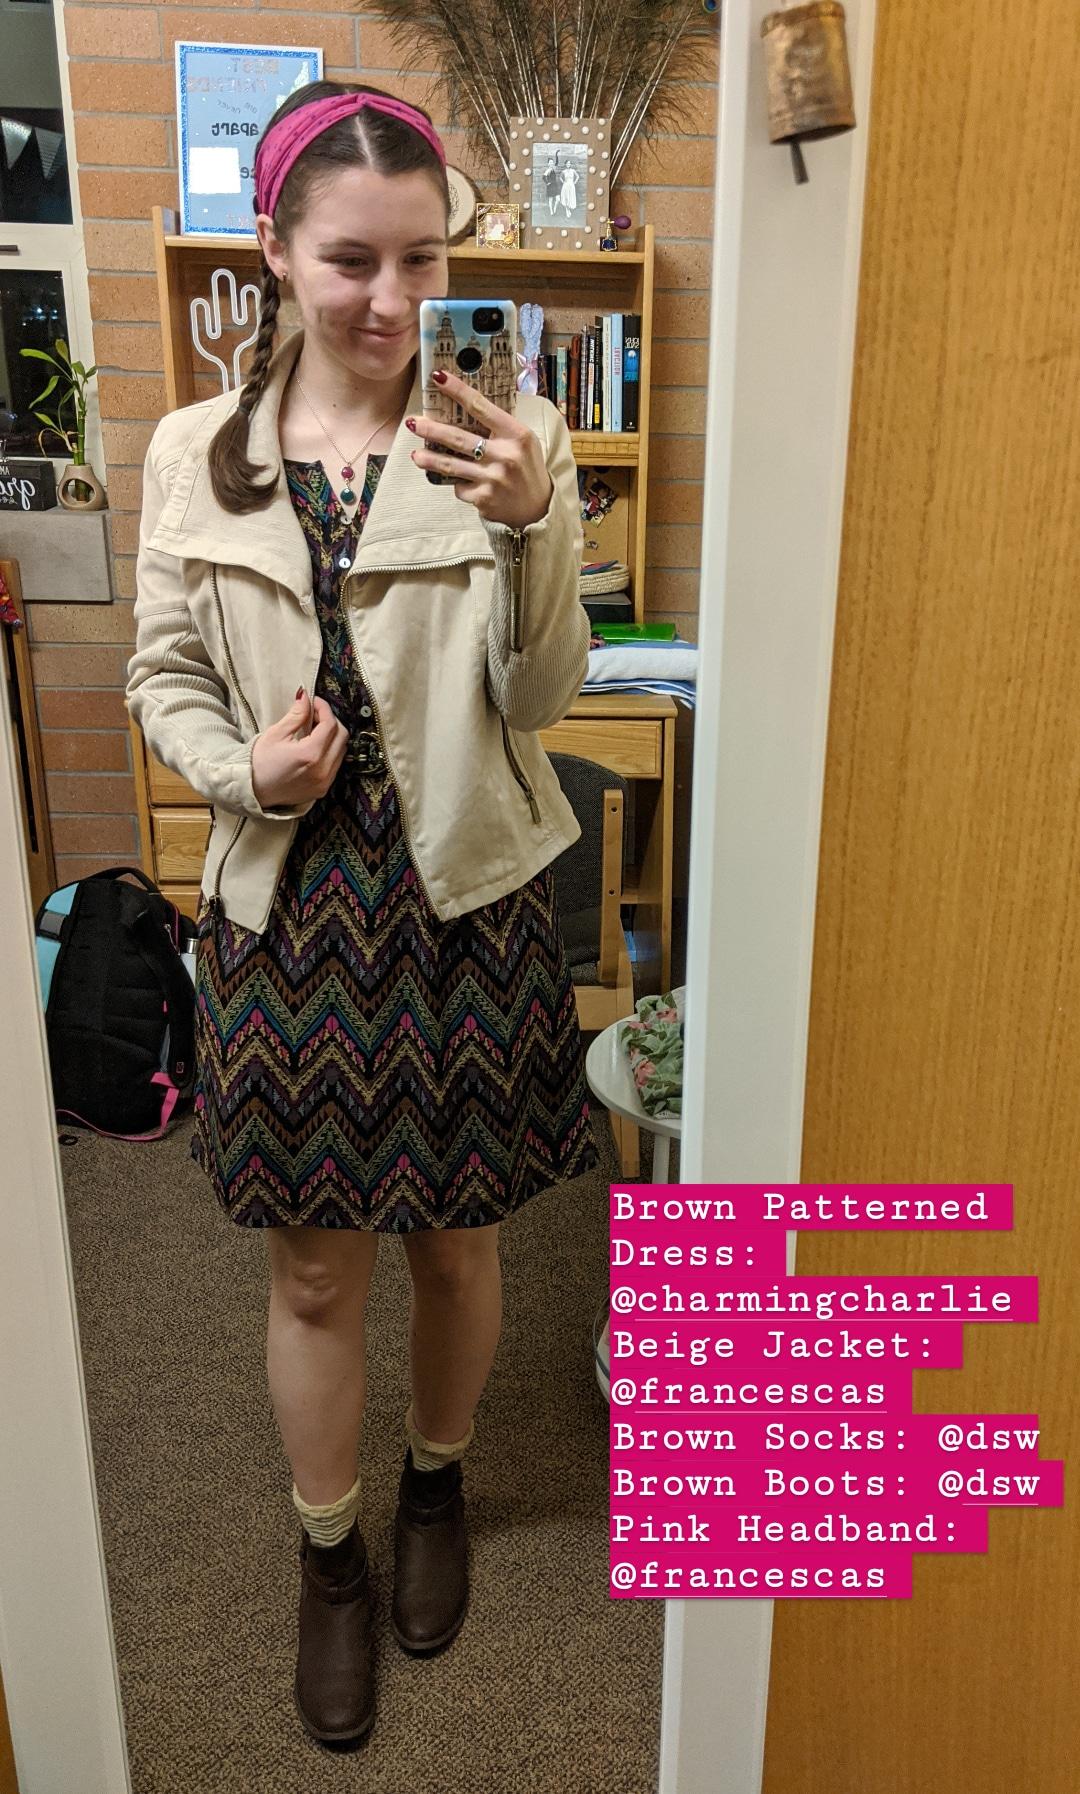 beige jacket, brown patterned dress